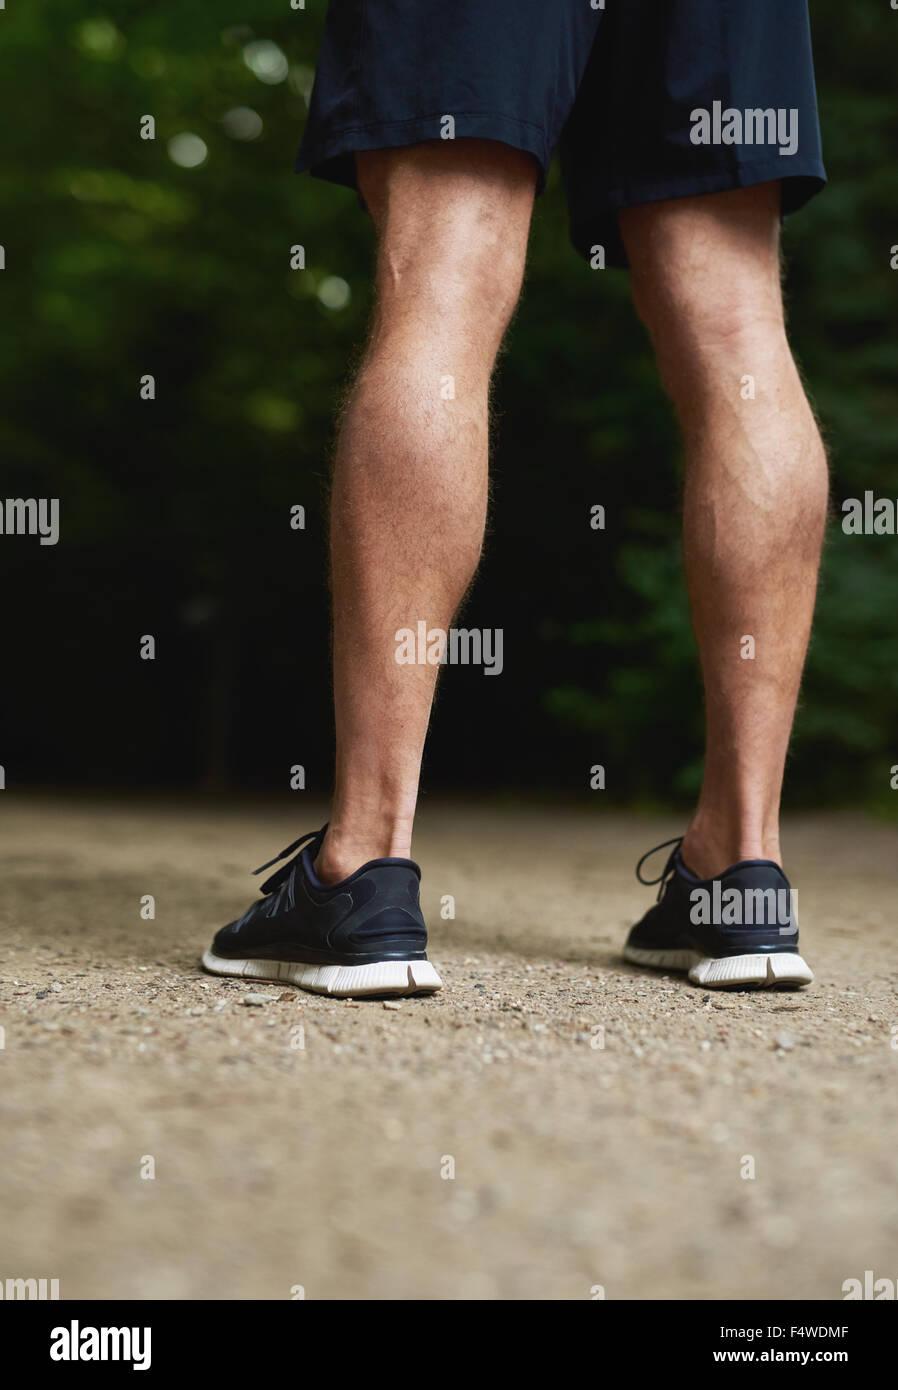 Ansicht von hinten in die Beine von einem Fit muskulös athletischer Mann mit getönten Kälber stehen Stockbild